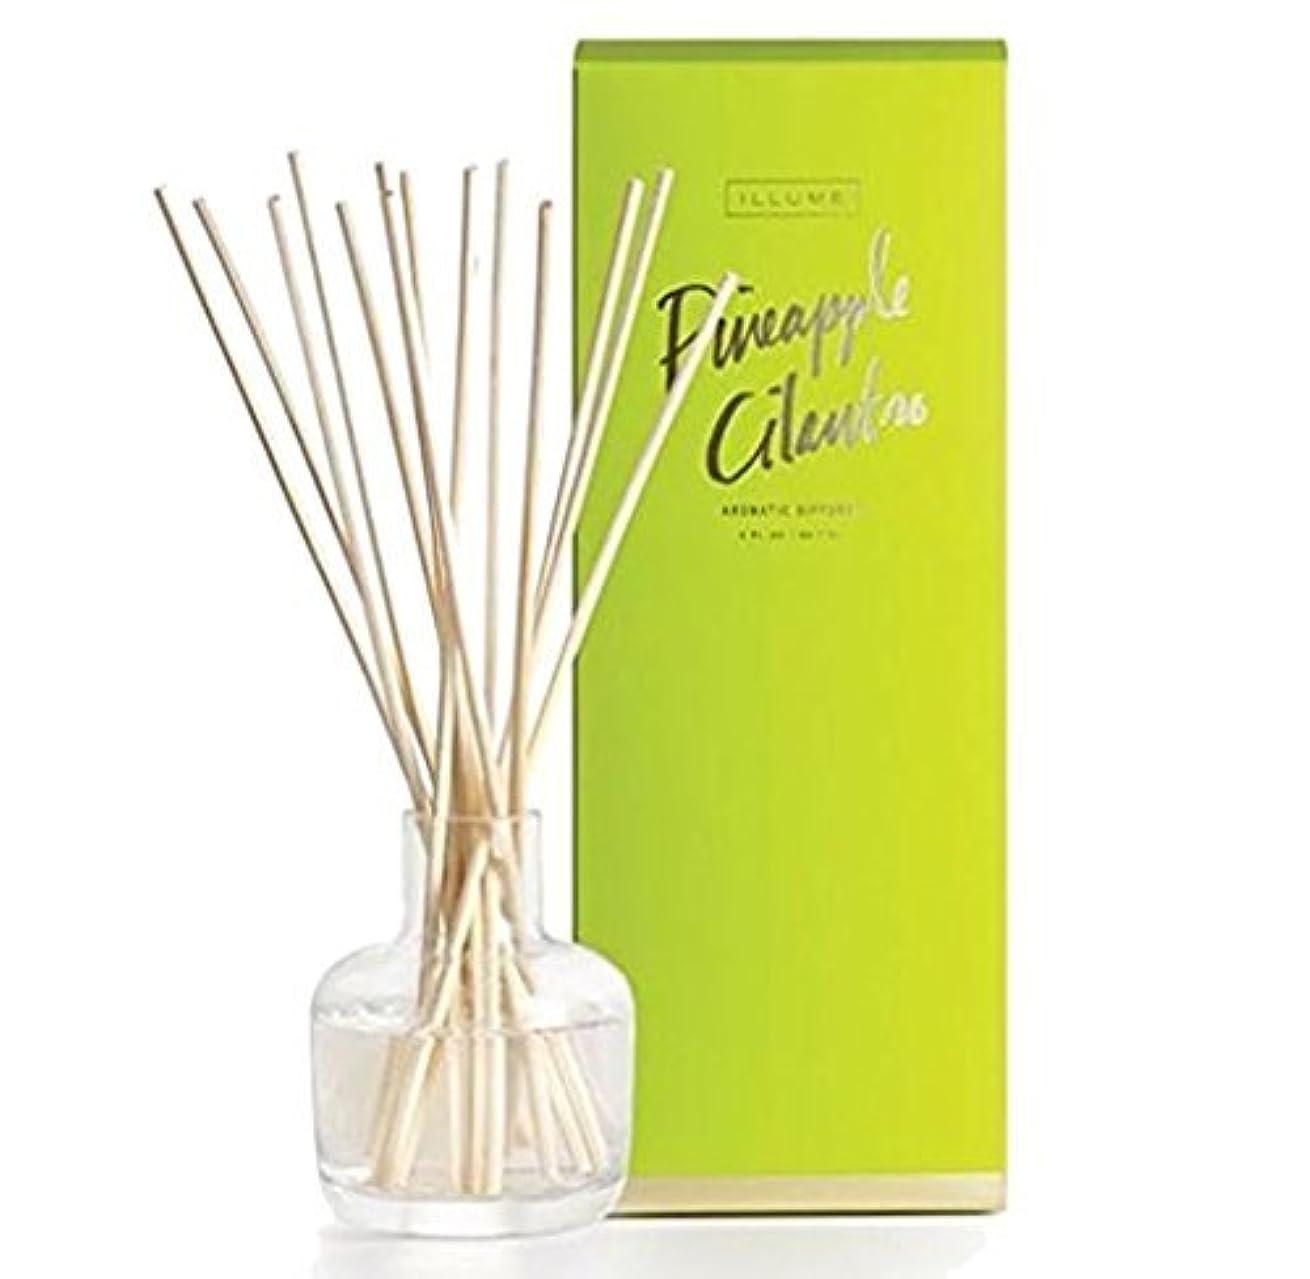 歌詞雪の衝撃Illume Pineapple Cilantro Essential Diffuser 3 oz [並行輸入品]